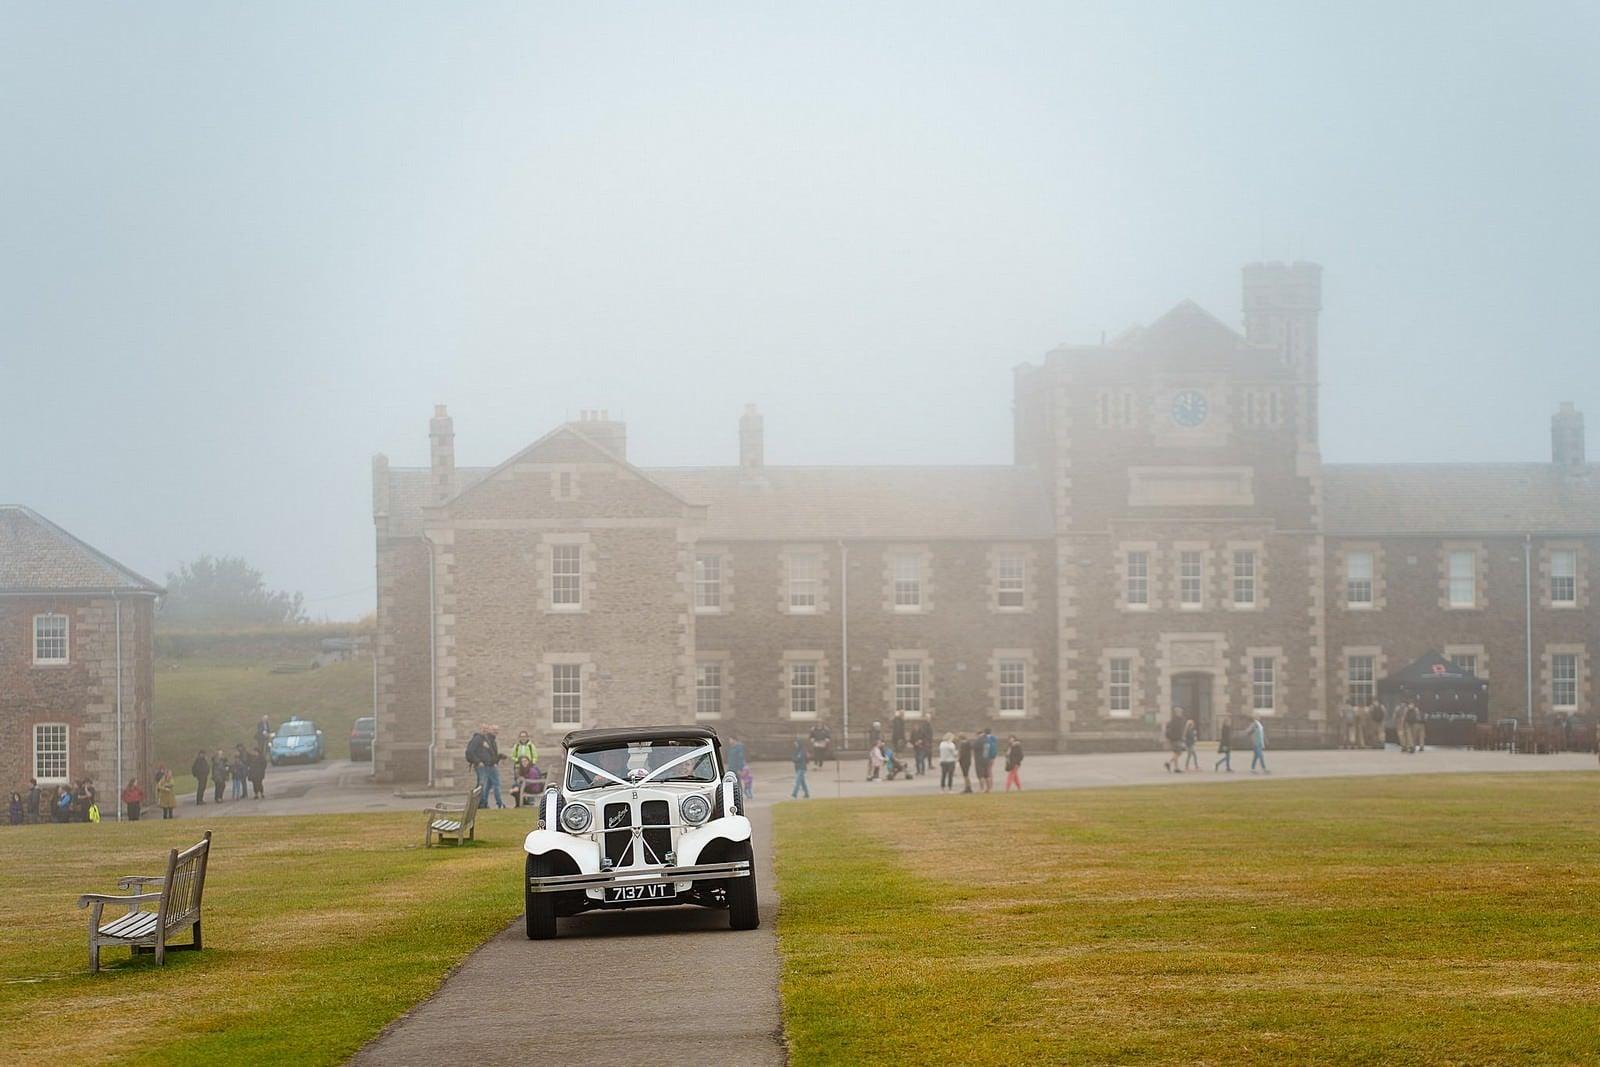 wedding car arriving at Pendennis Castle